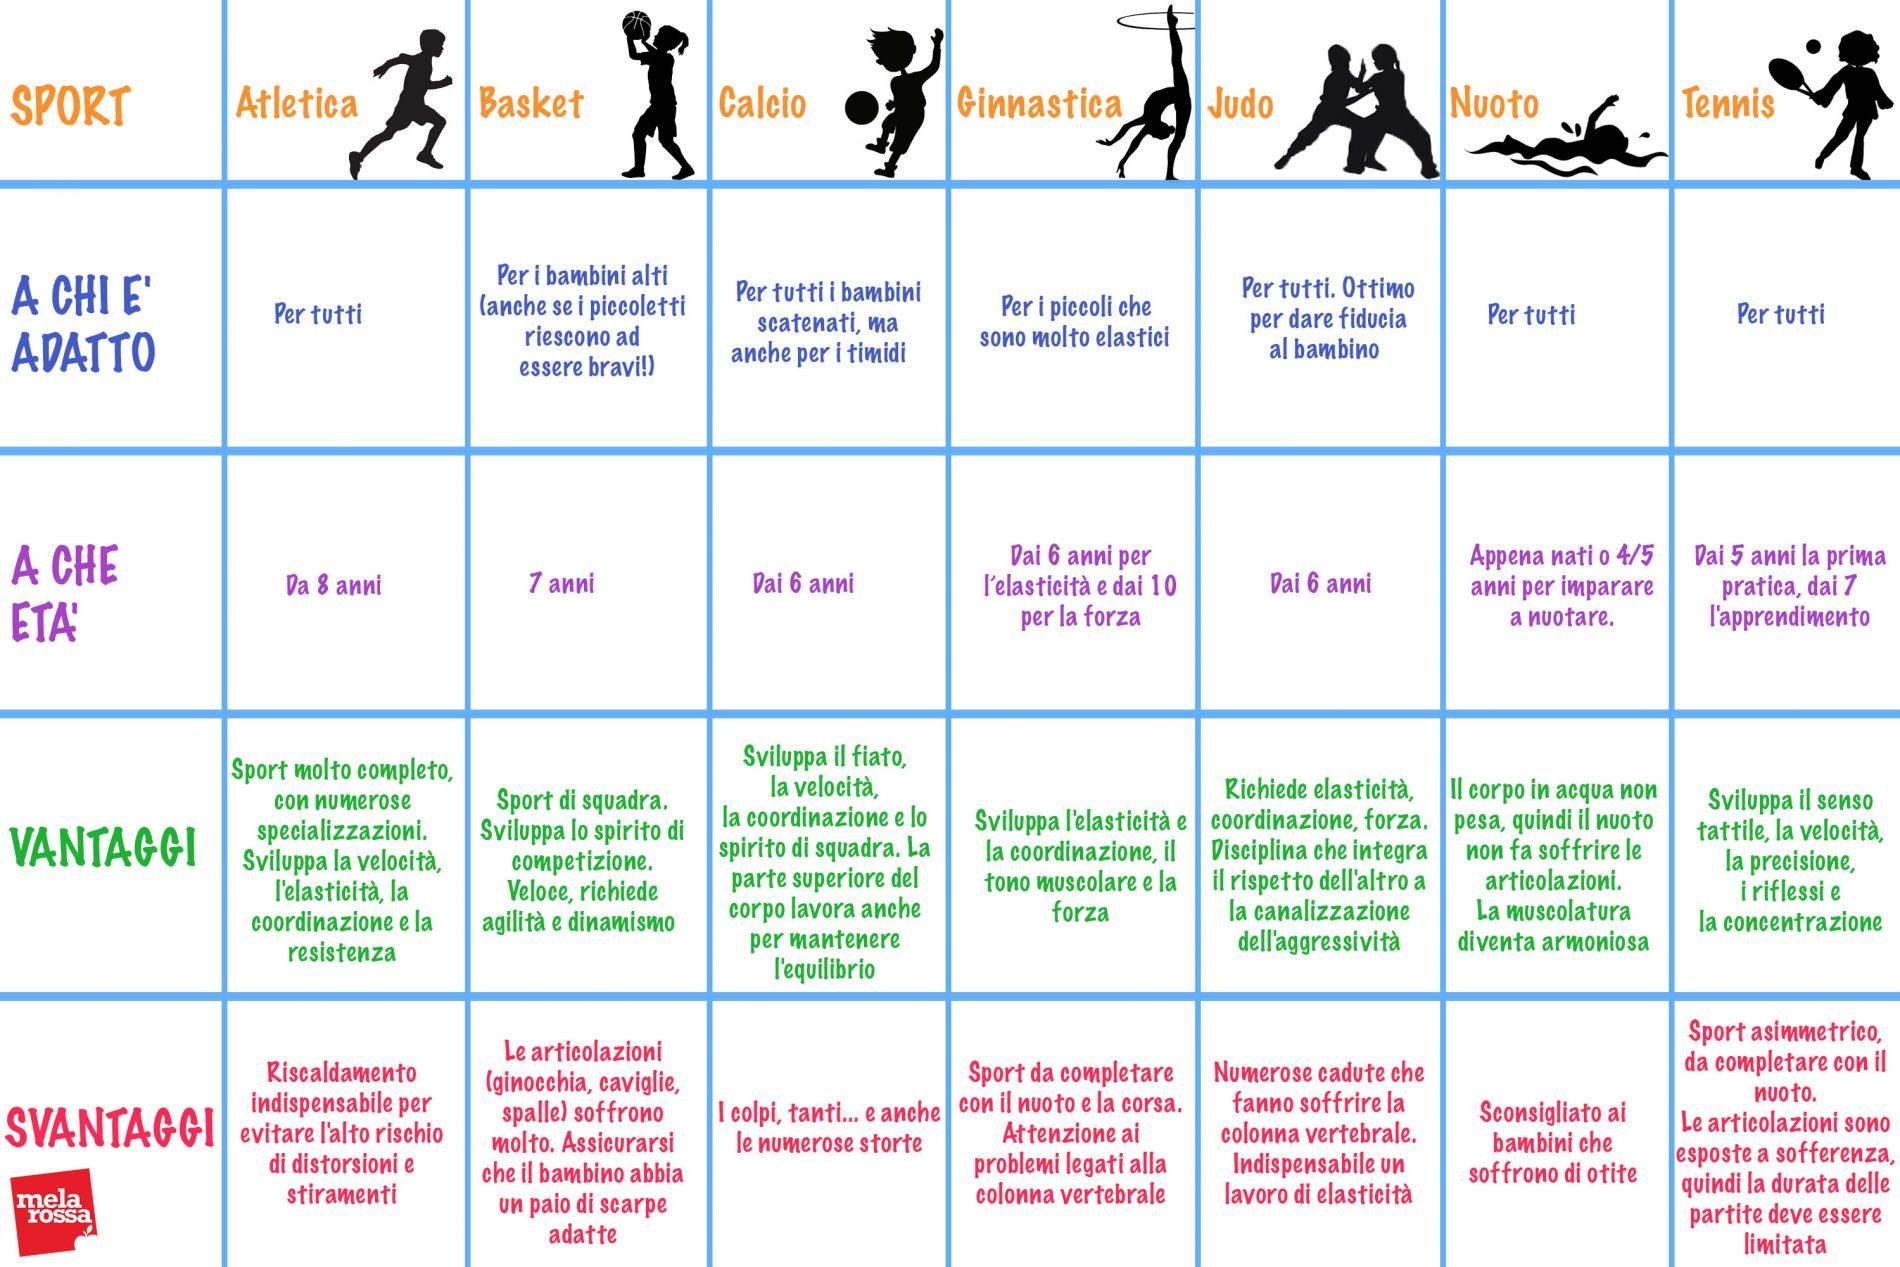 Tabella Come scegliere lo sport giusto per tuo figlio?